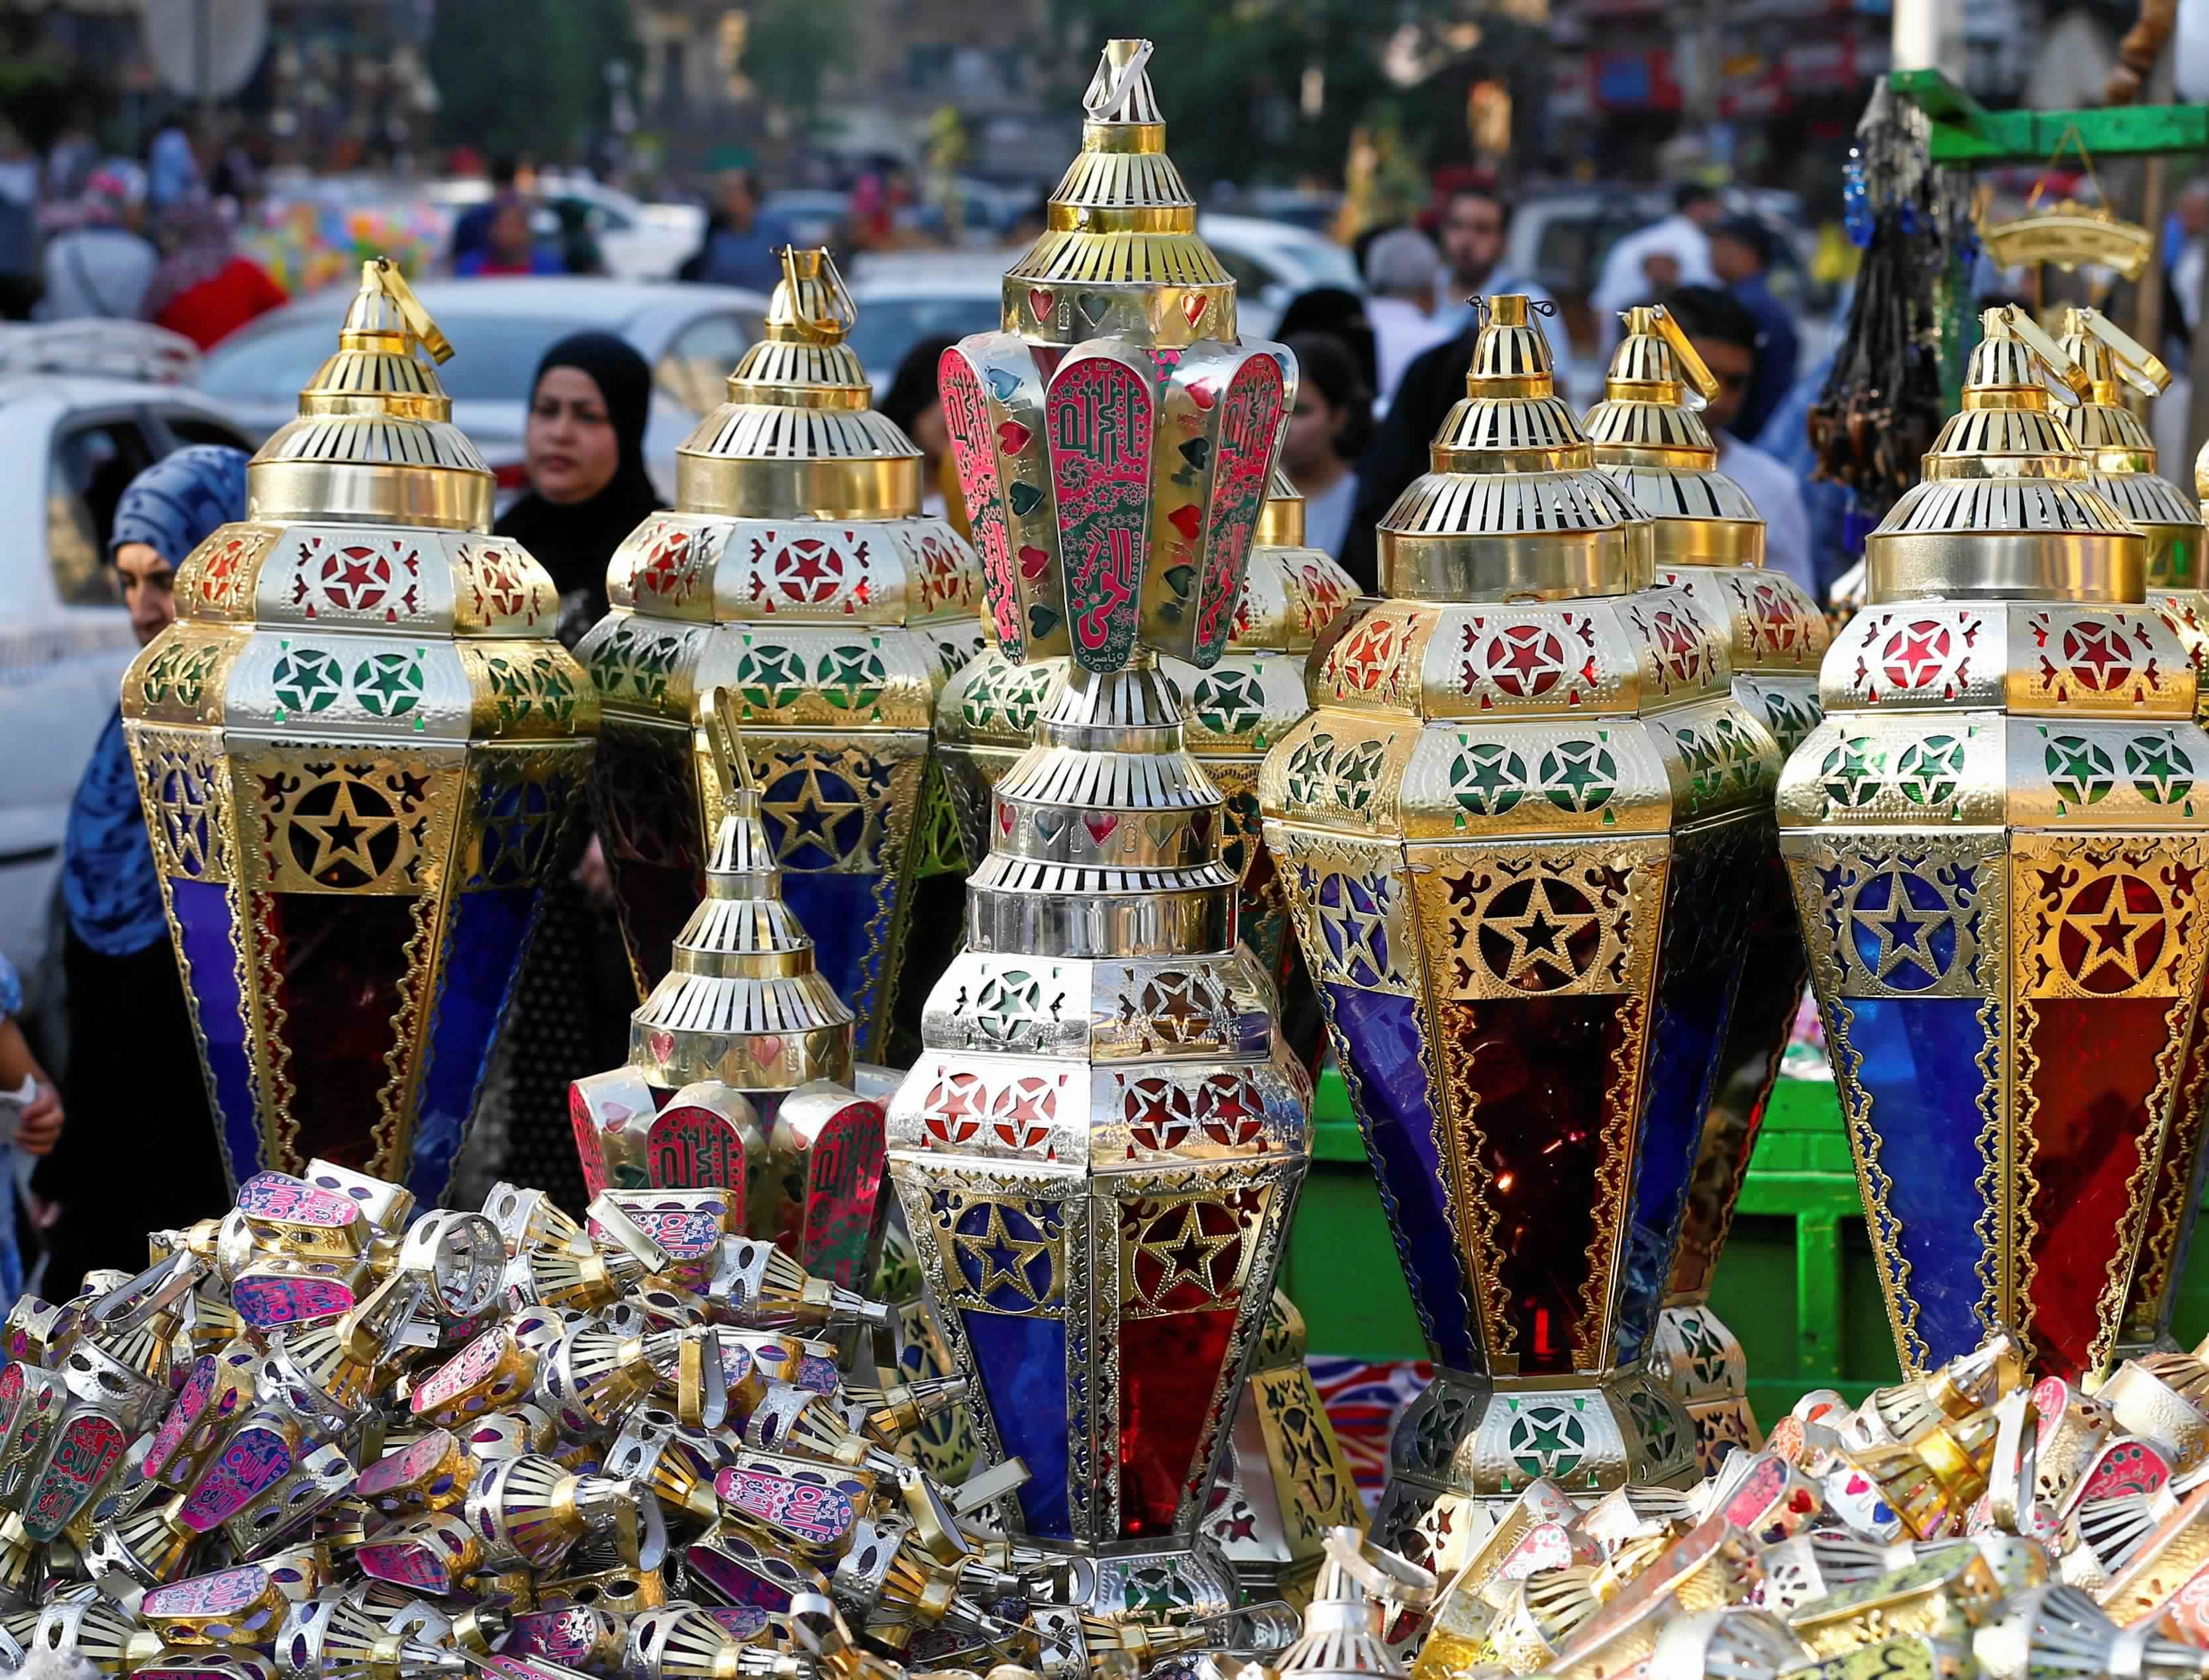 فوانيس شهر رمضان والزينة منين تشتري الأجمل والأرخص وتستمتع بفن بجد 2354125-فوانيس-رمضان